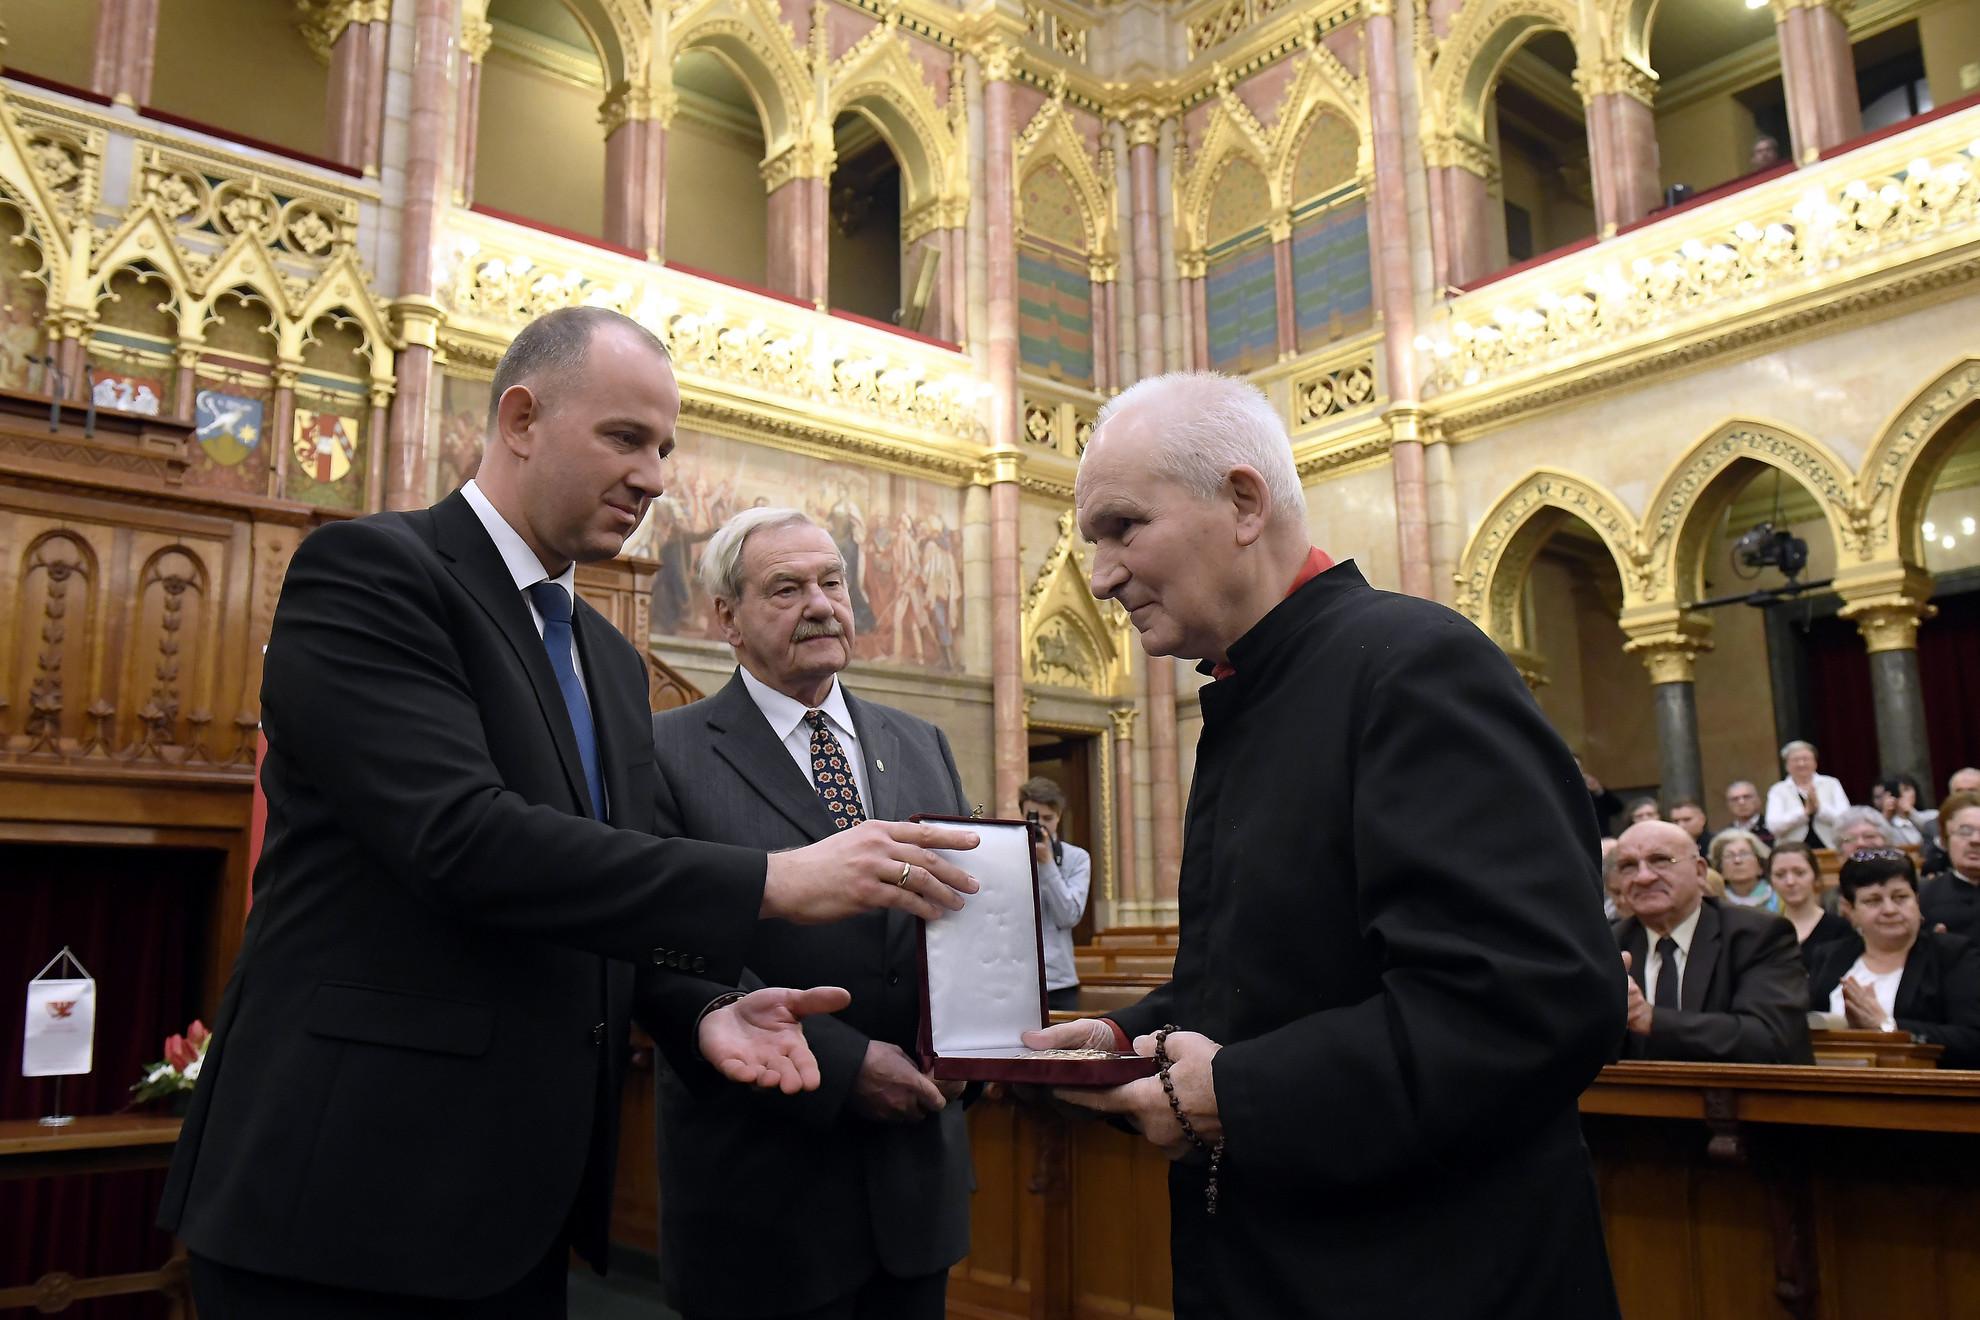 Frantisek Lízna csehországi jezsuita szerzetes (j) átveszi az Esterházy-díjat Csáky Csongortól, a Rákóczi Szövetség elnökétől (b) és Martényi Árpádtól, az Esterházy Emlékbizottság elnökétől a mártír sorsú felvidéki politikus emlékére rendezett emlékünnepségen a Parlamentben 2020. március 8-án